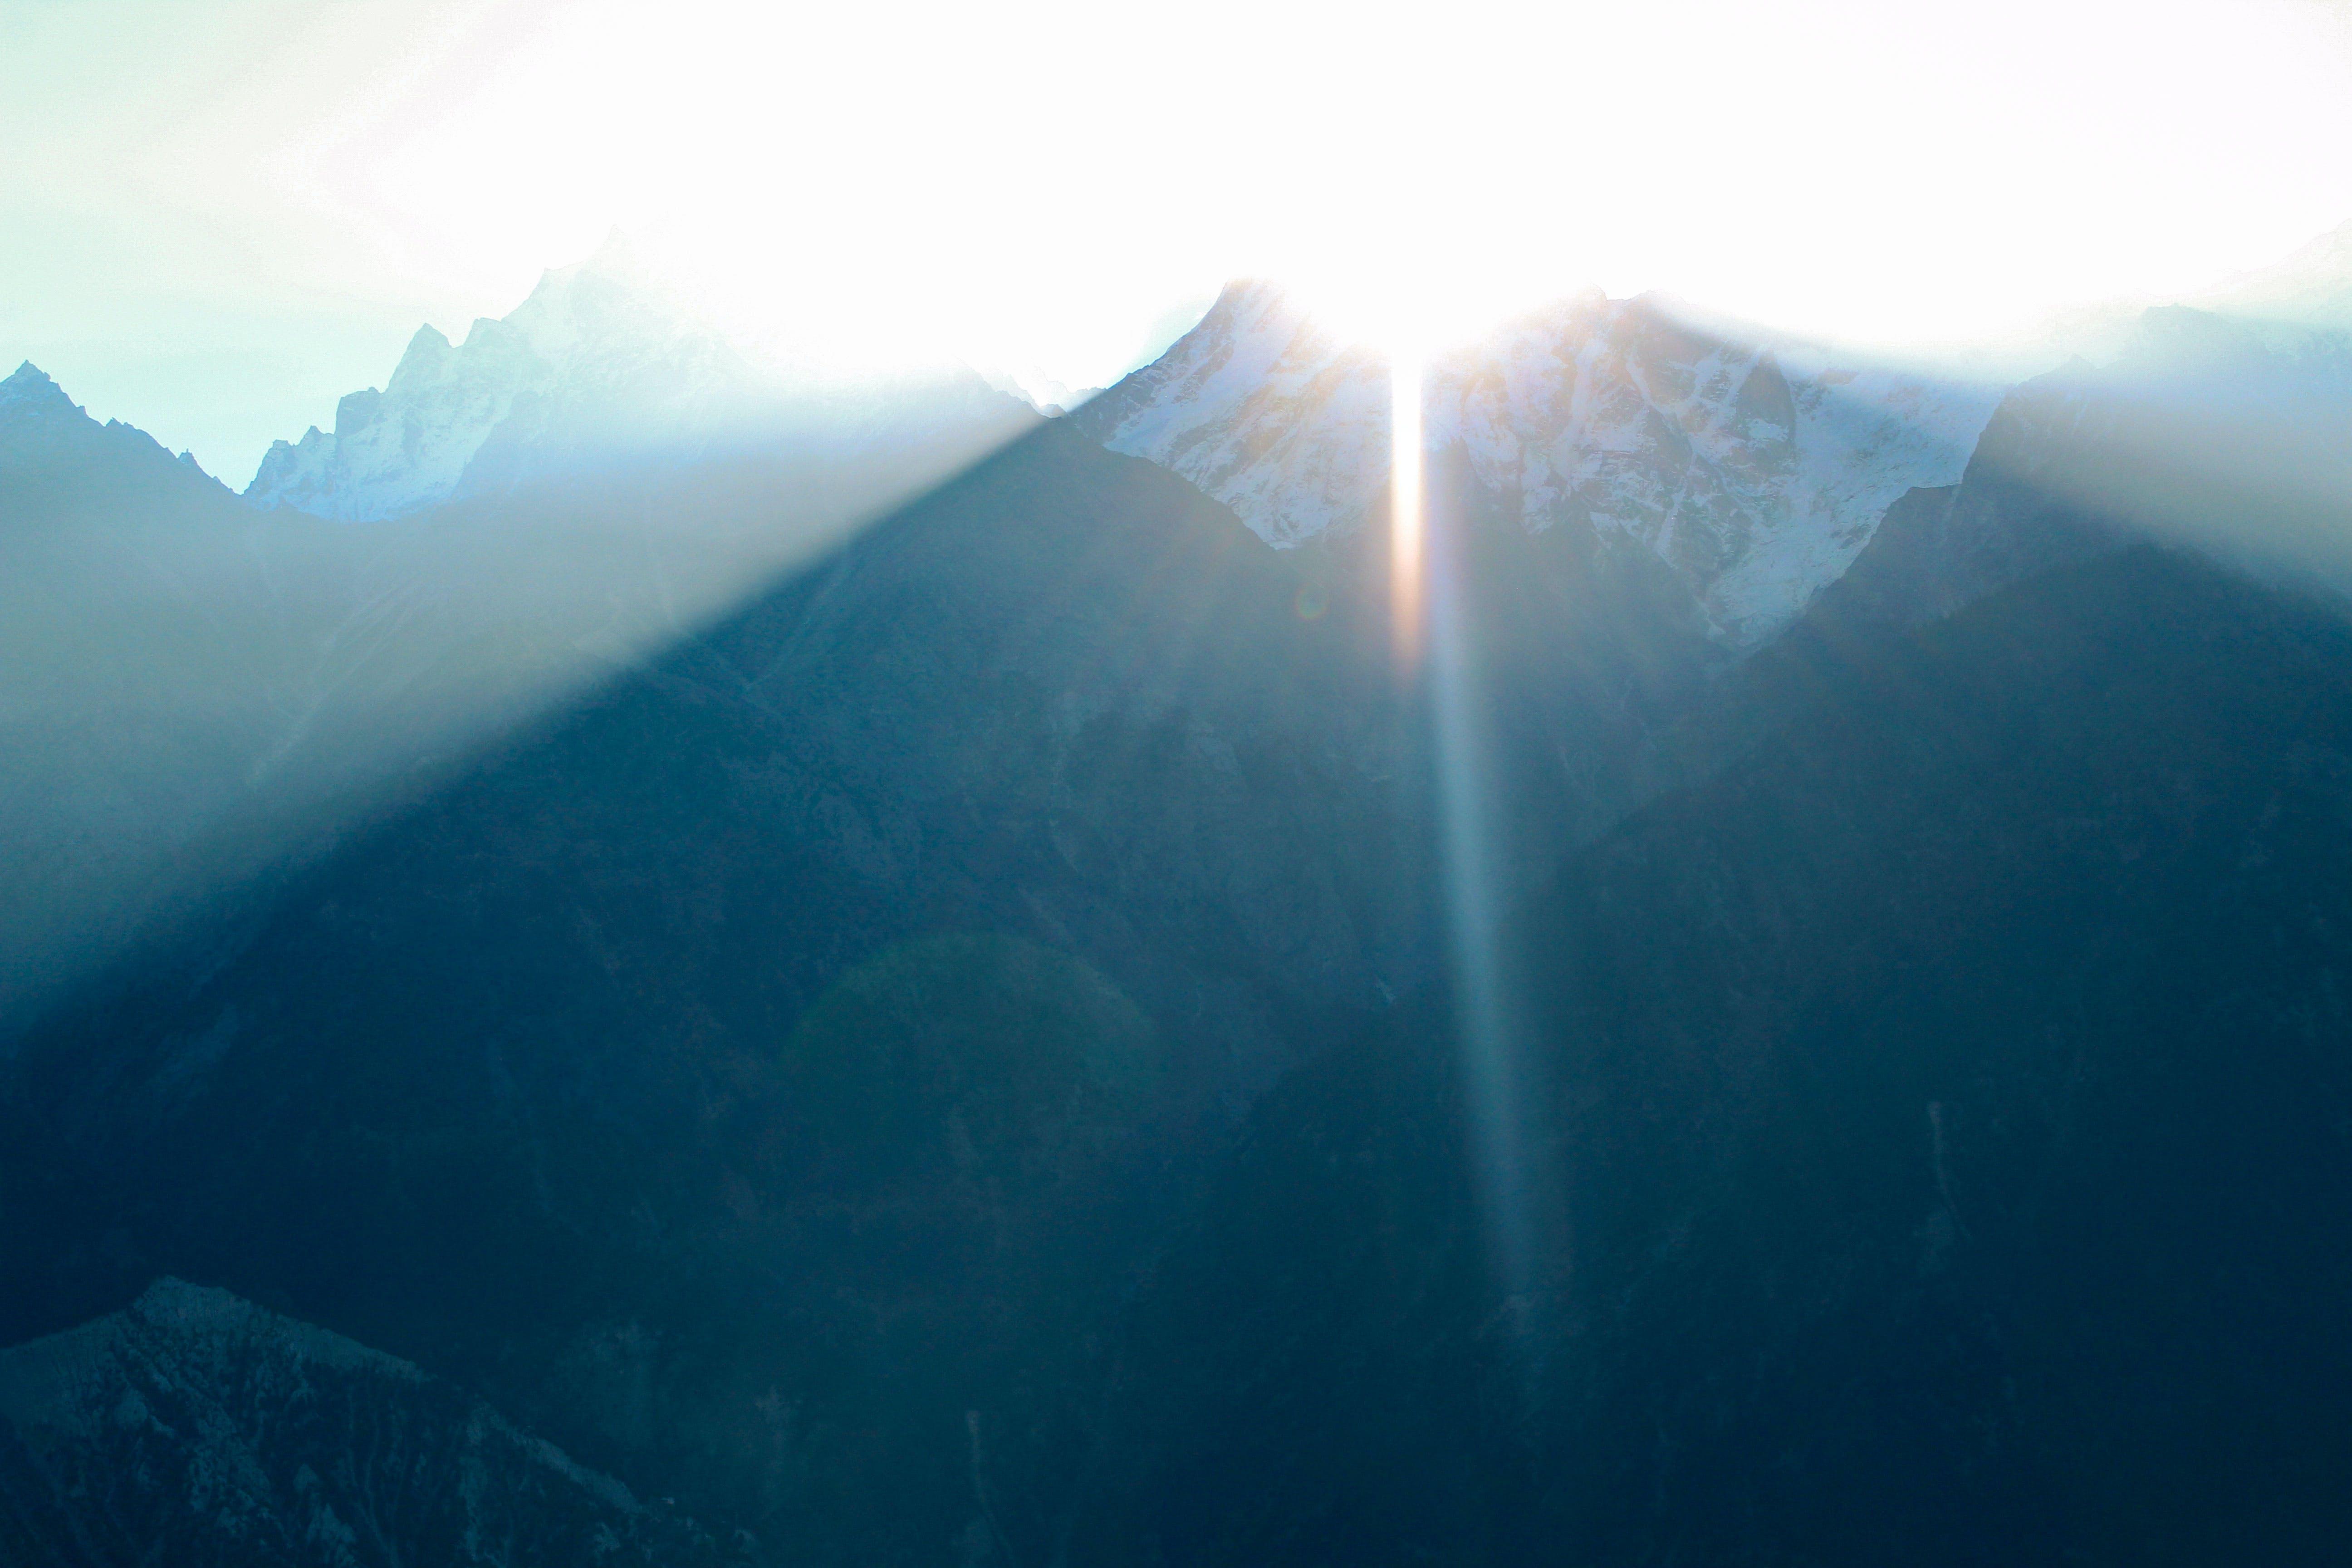 Gratis lagerfoto af bjerg, blå bjerge, solopgang, Solstråler